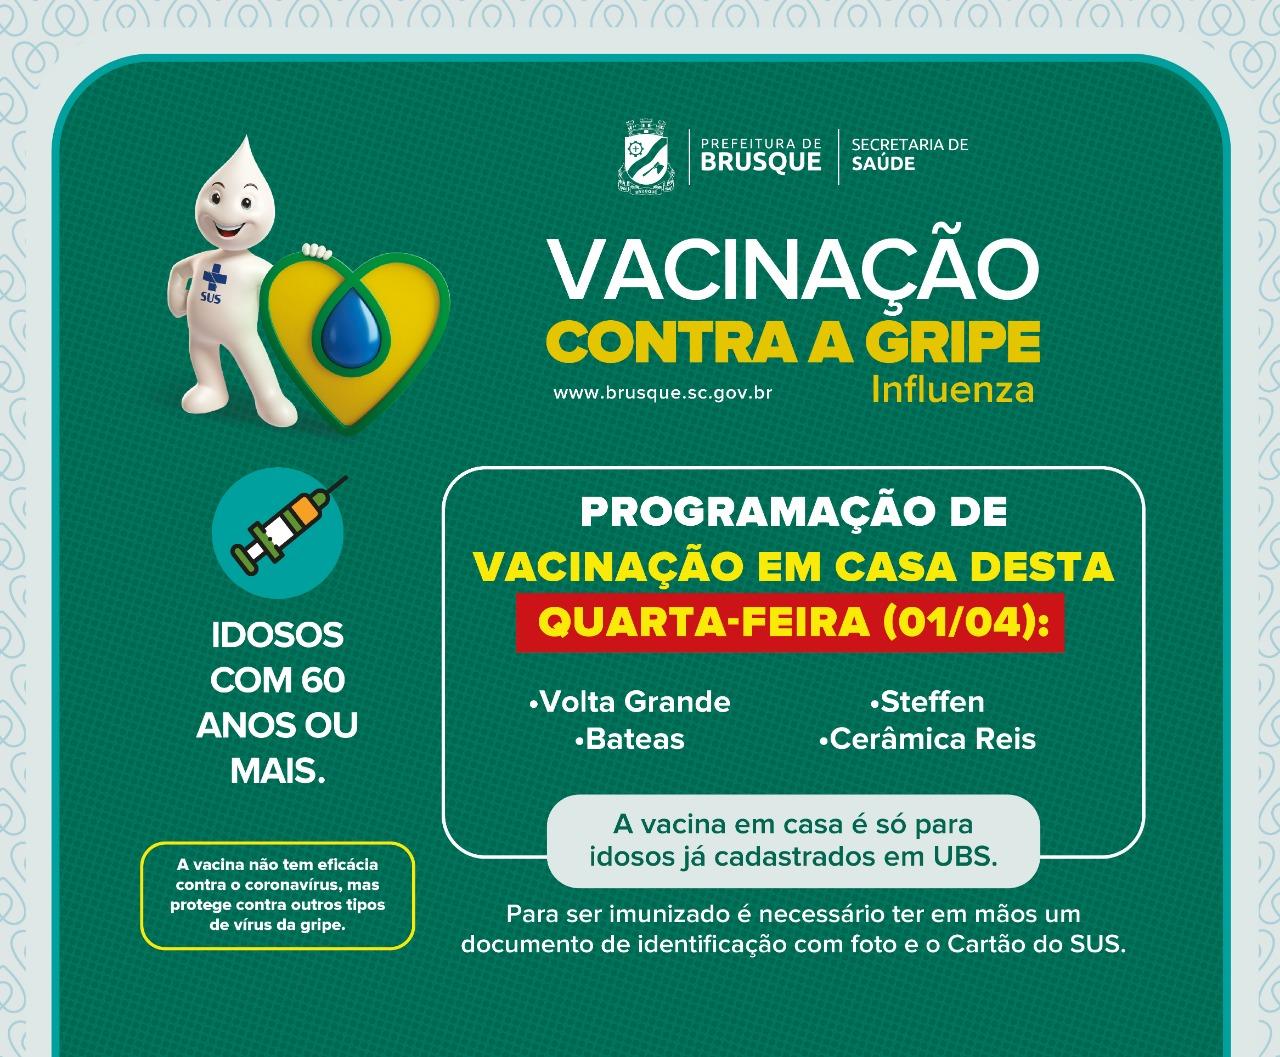 Quatro bairros de Brusque terão vacinação contra a gripe em residências nesta quarta-feira (1º)